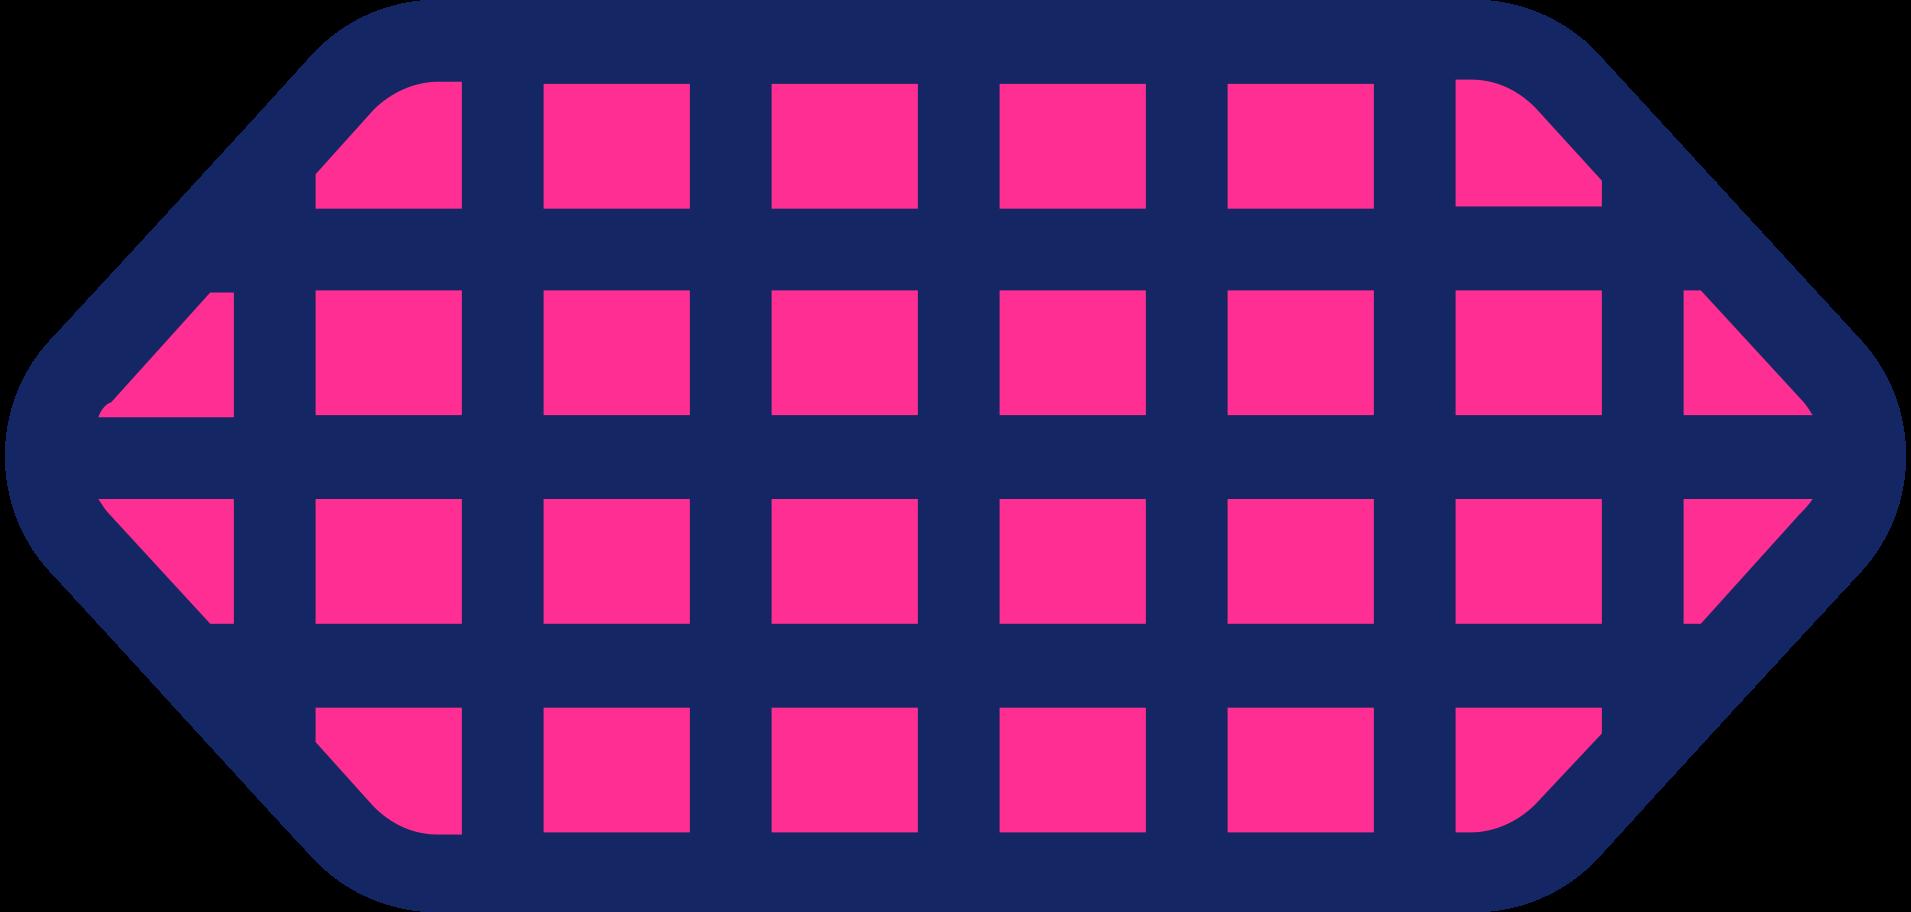 grid Clipart illustration in PNG, SVG